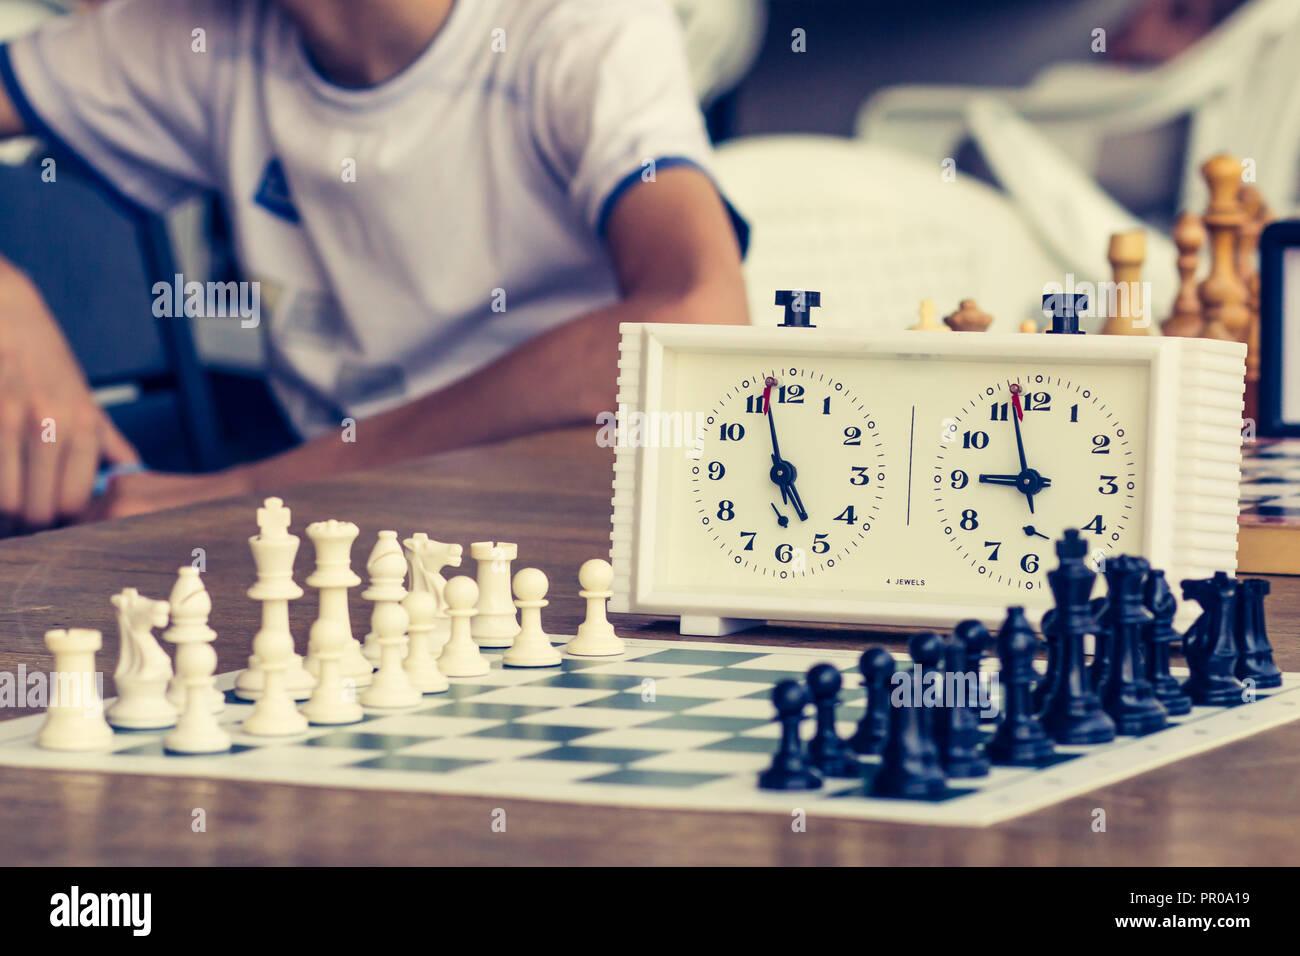 Chess Tournament Stock Photos & Chess Tournament Stock